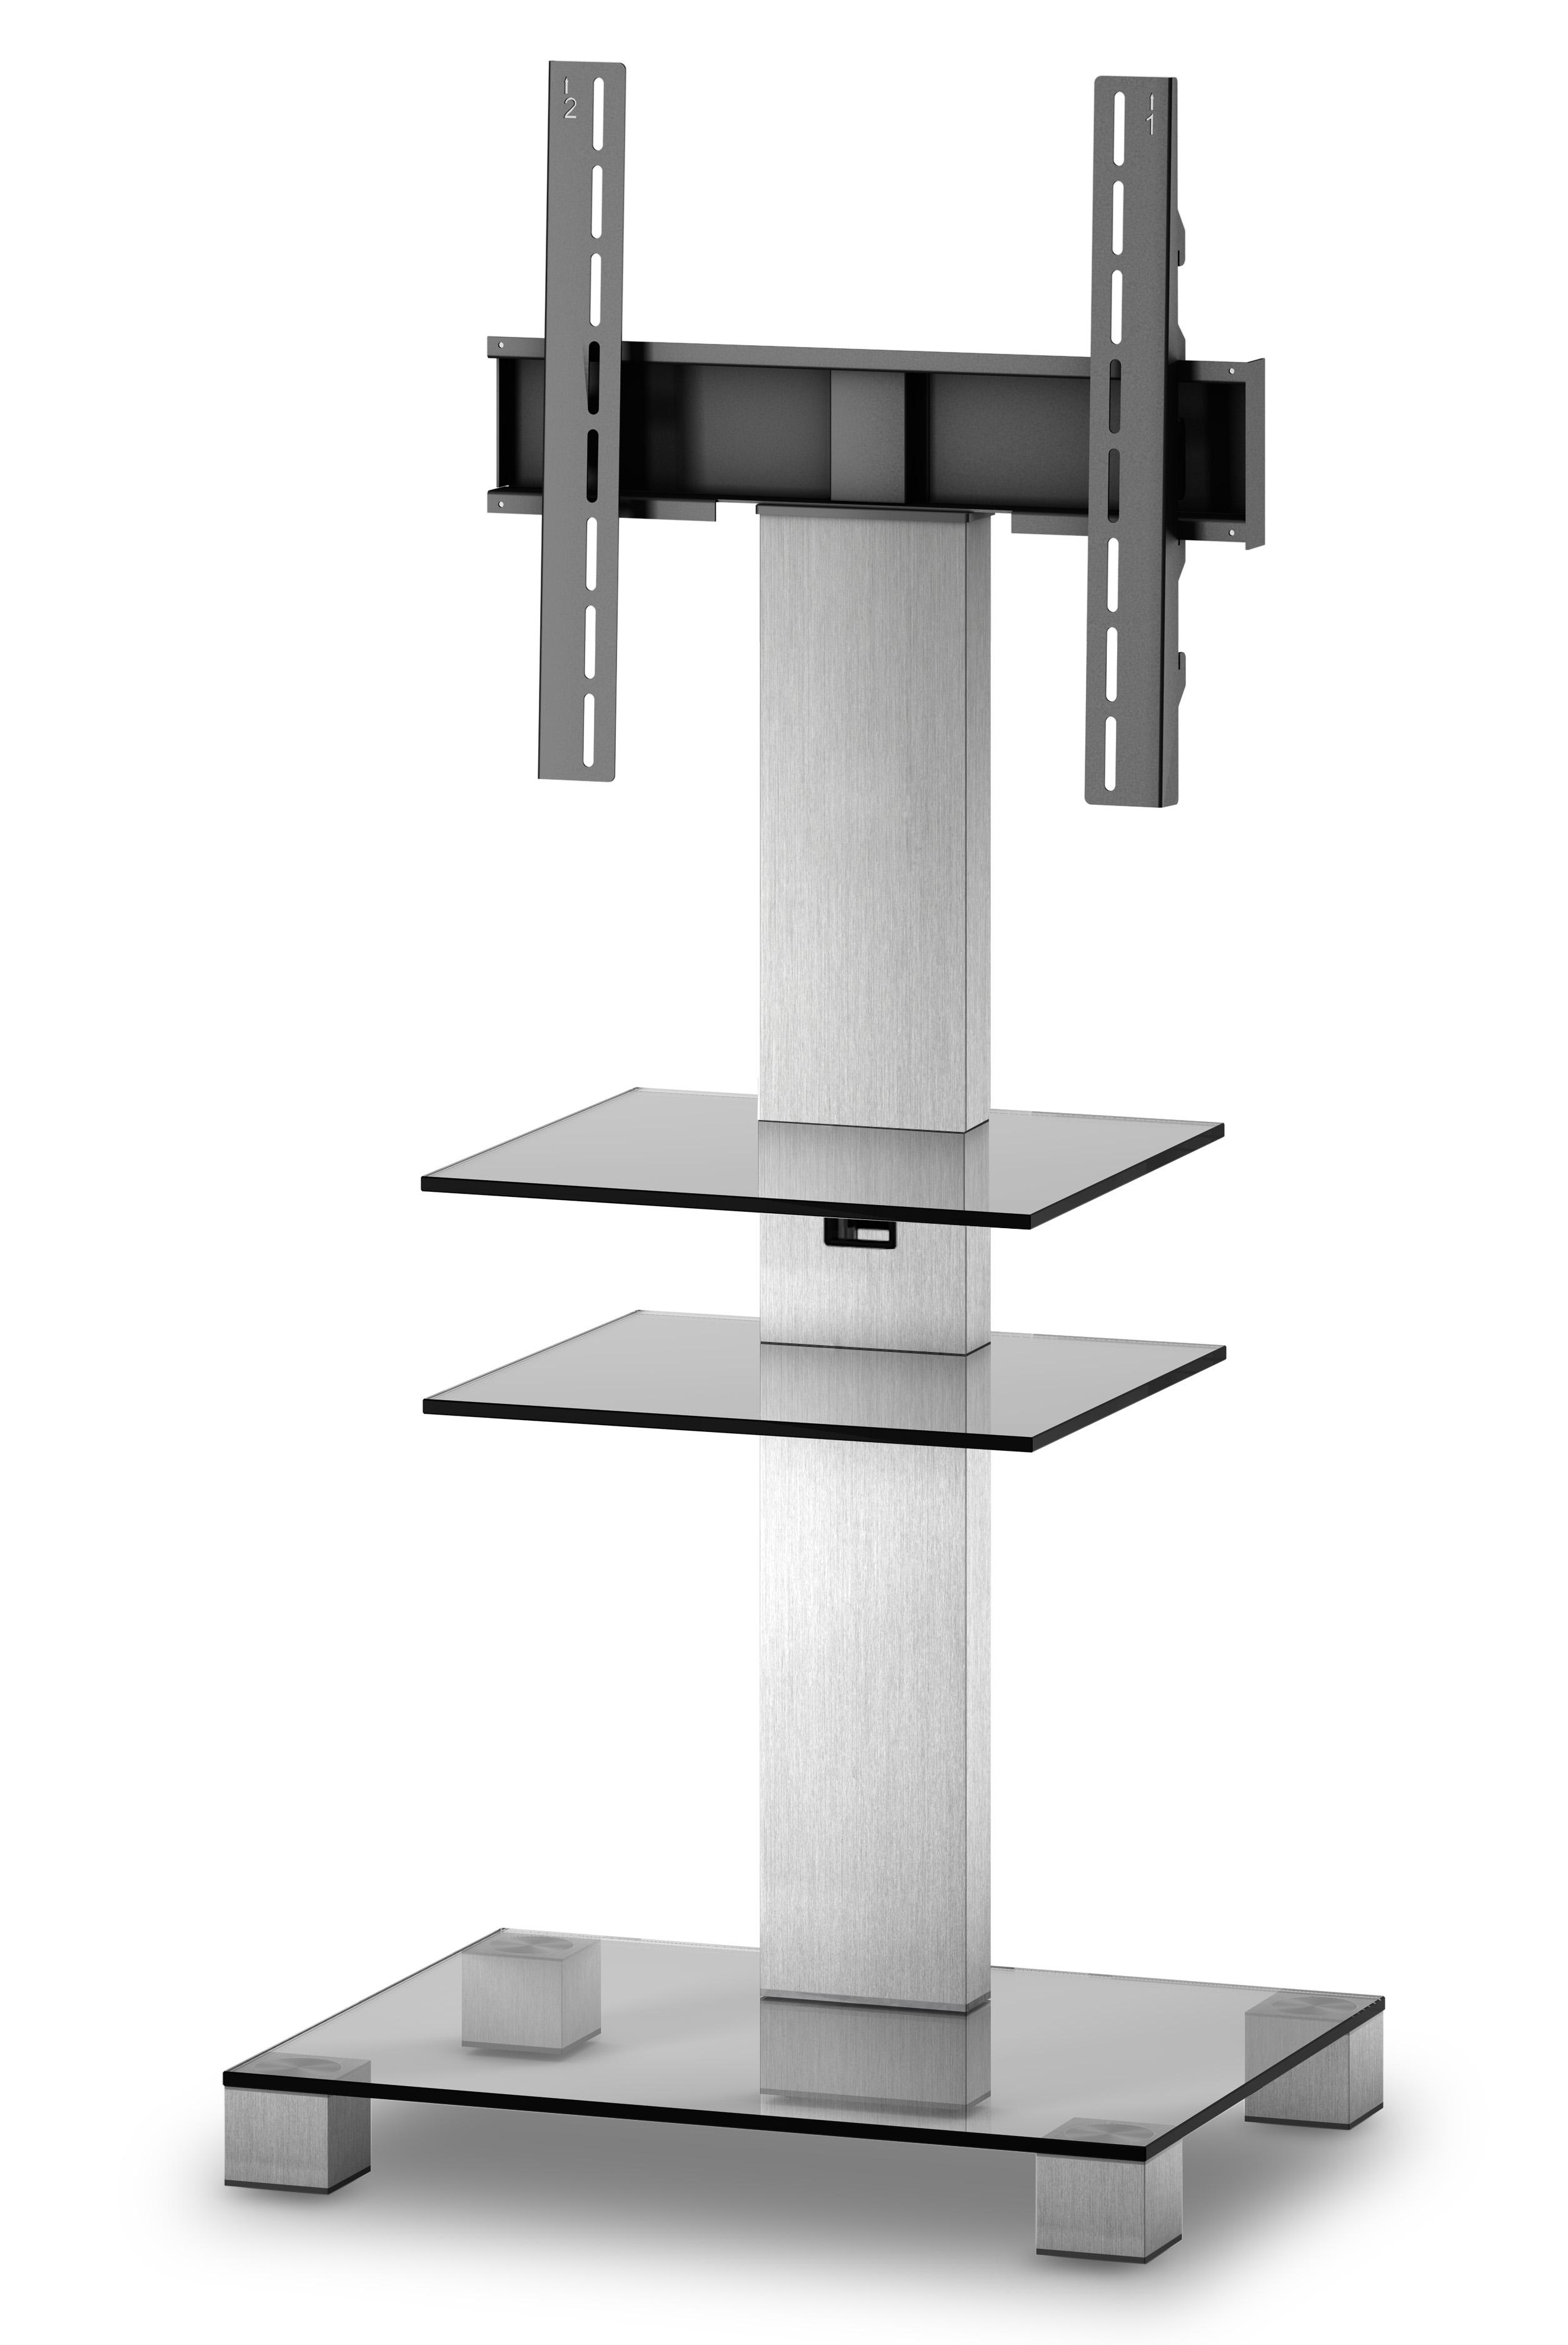 sonorous meuble tv pl2525 c inx verre claire et inox avec. Black Bedroom Furniture Sets. Home Design Ideas